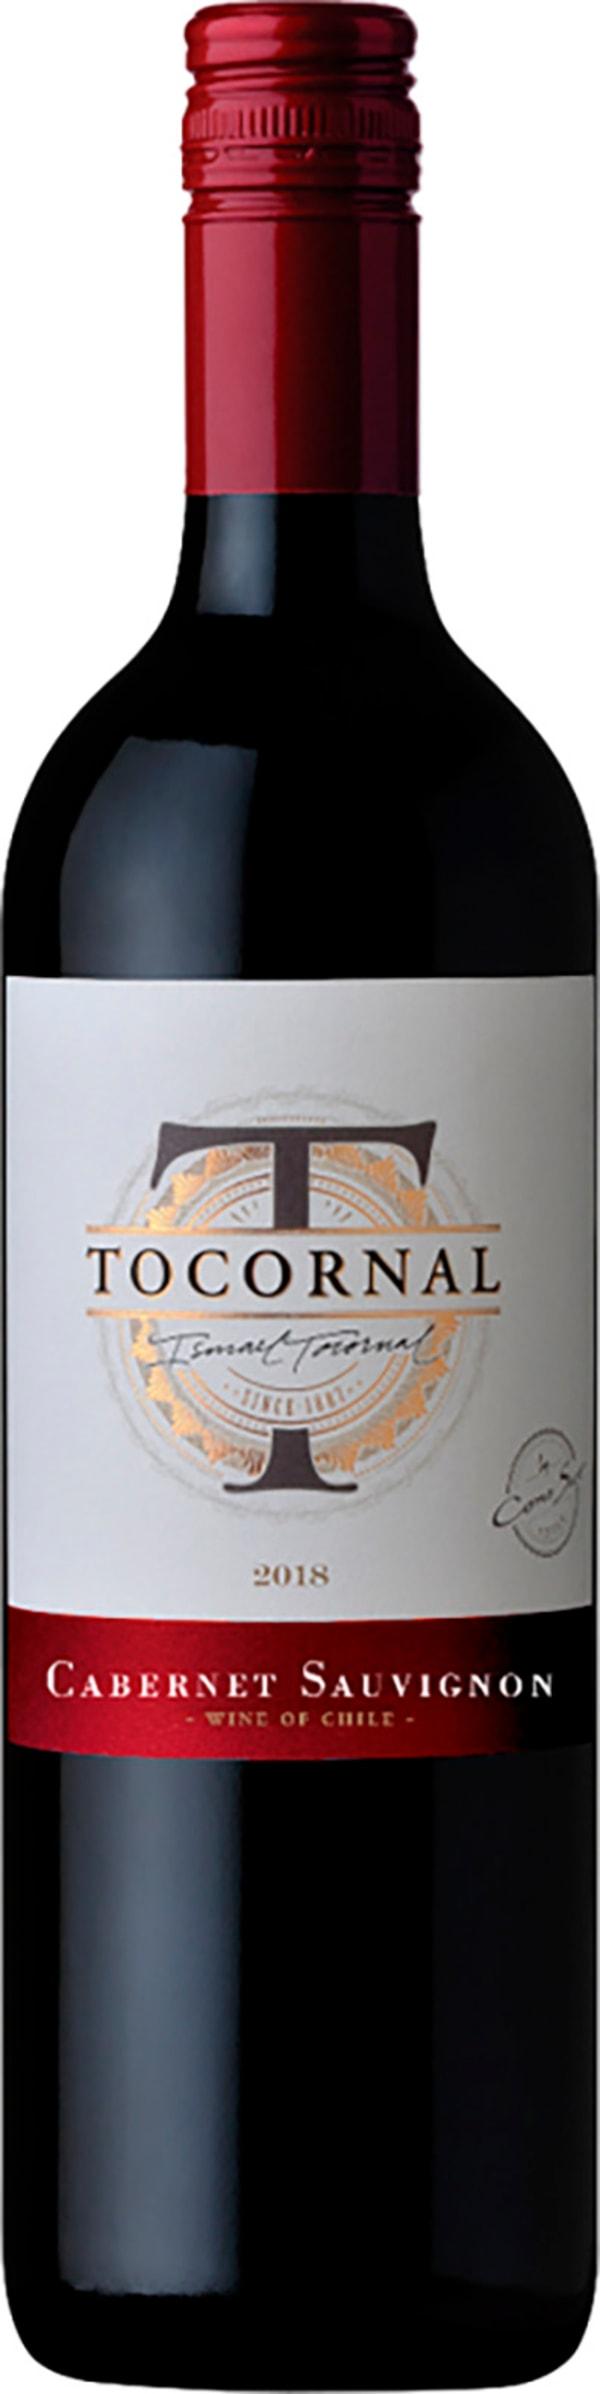 Cono Sur Tocornal Cabernet Sauvignon 2020